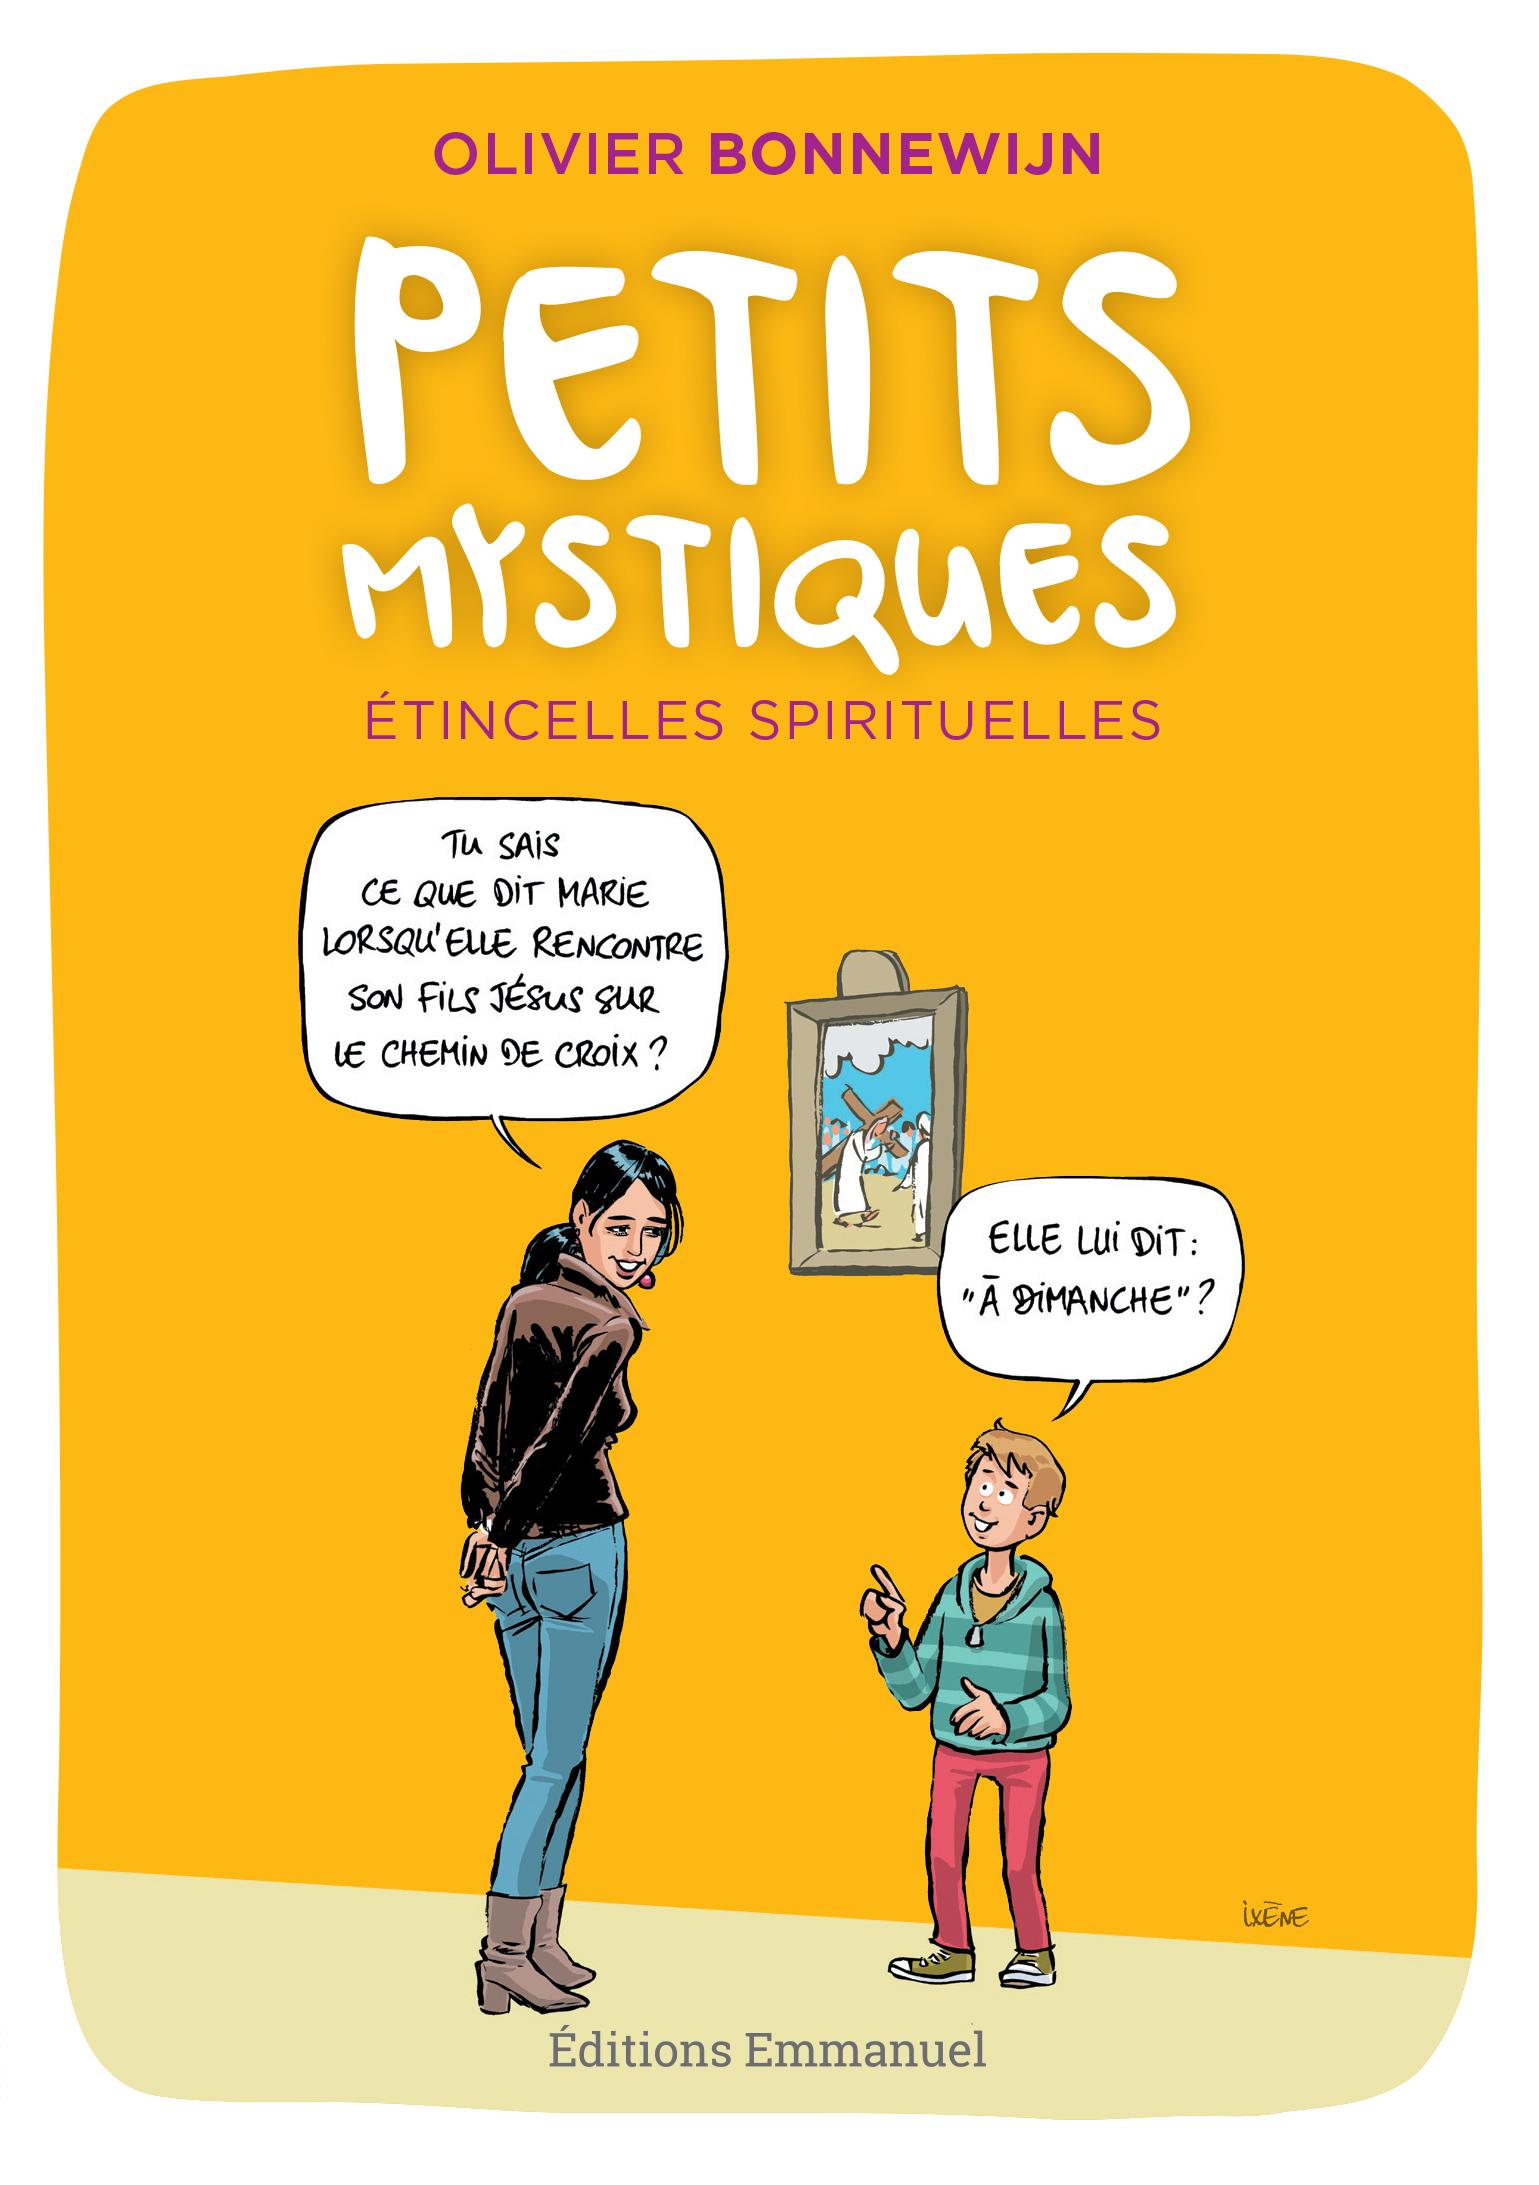 Petits Mystiques, éditions Emmanuel